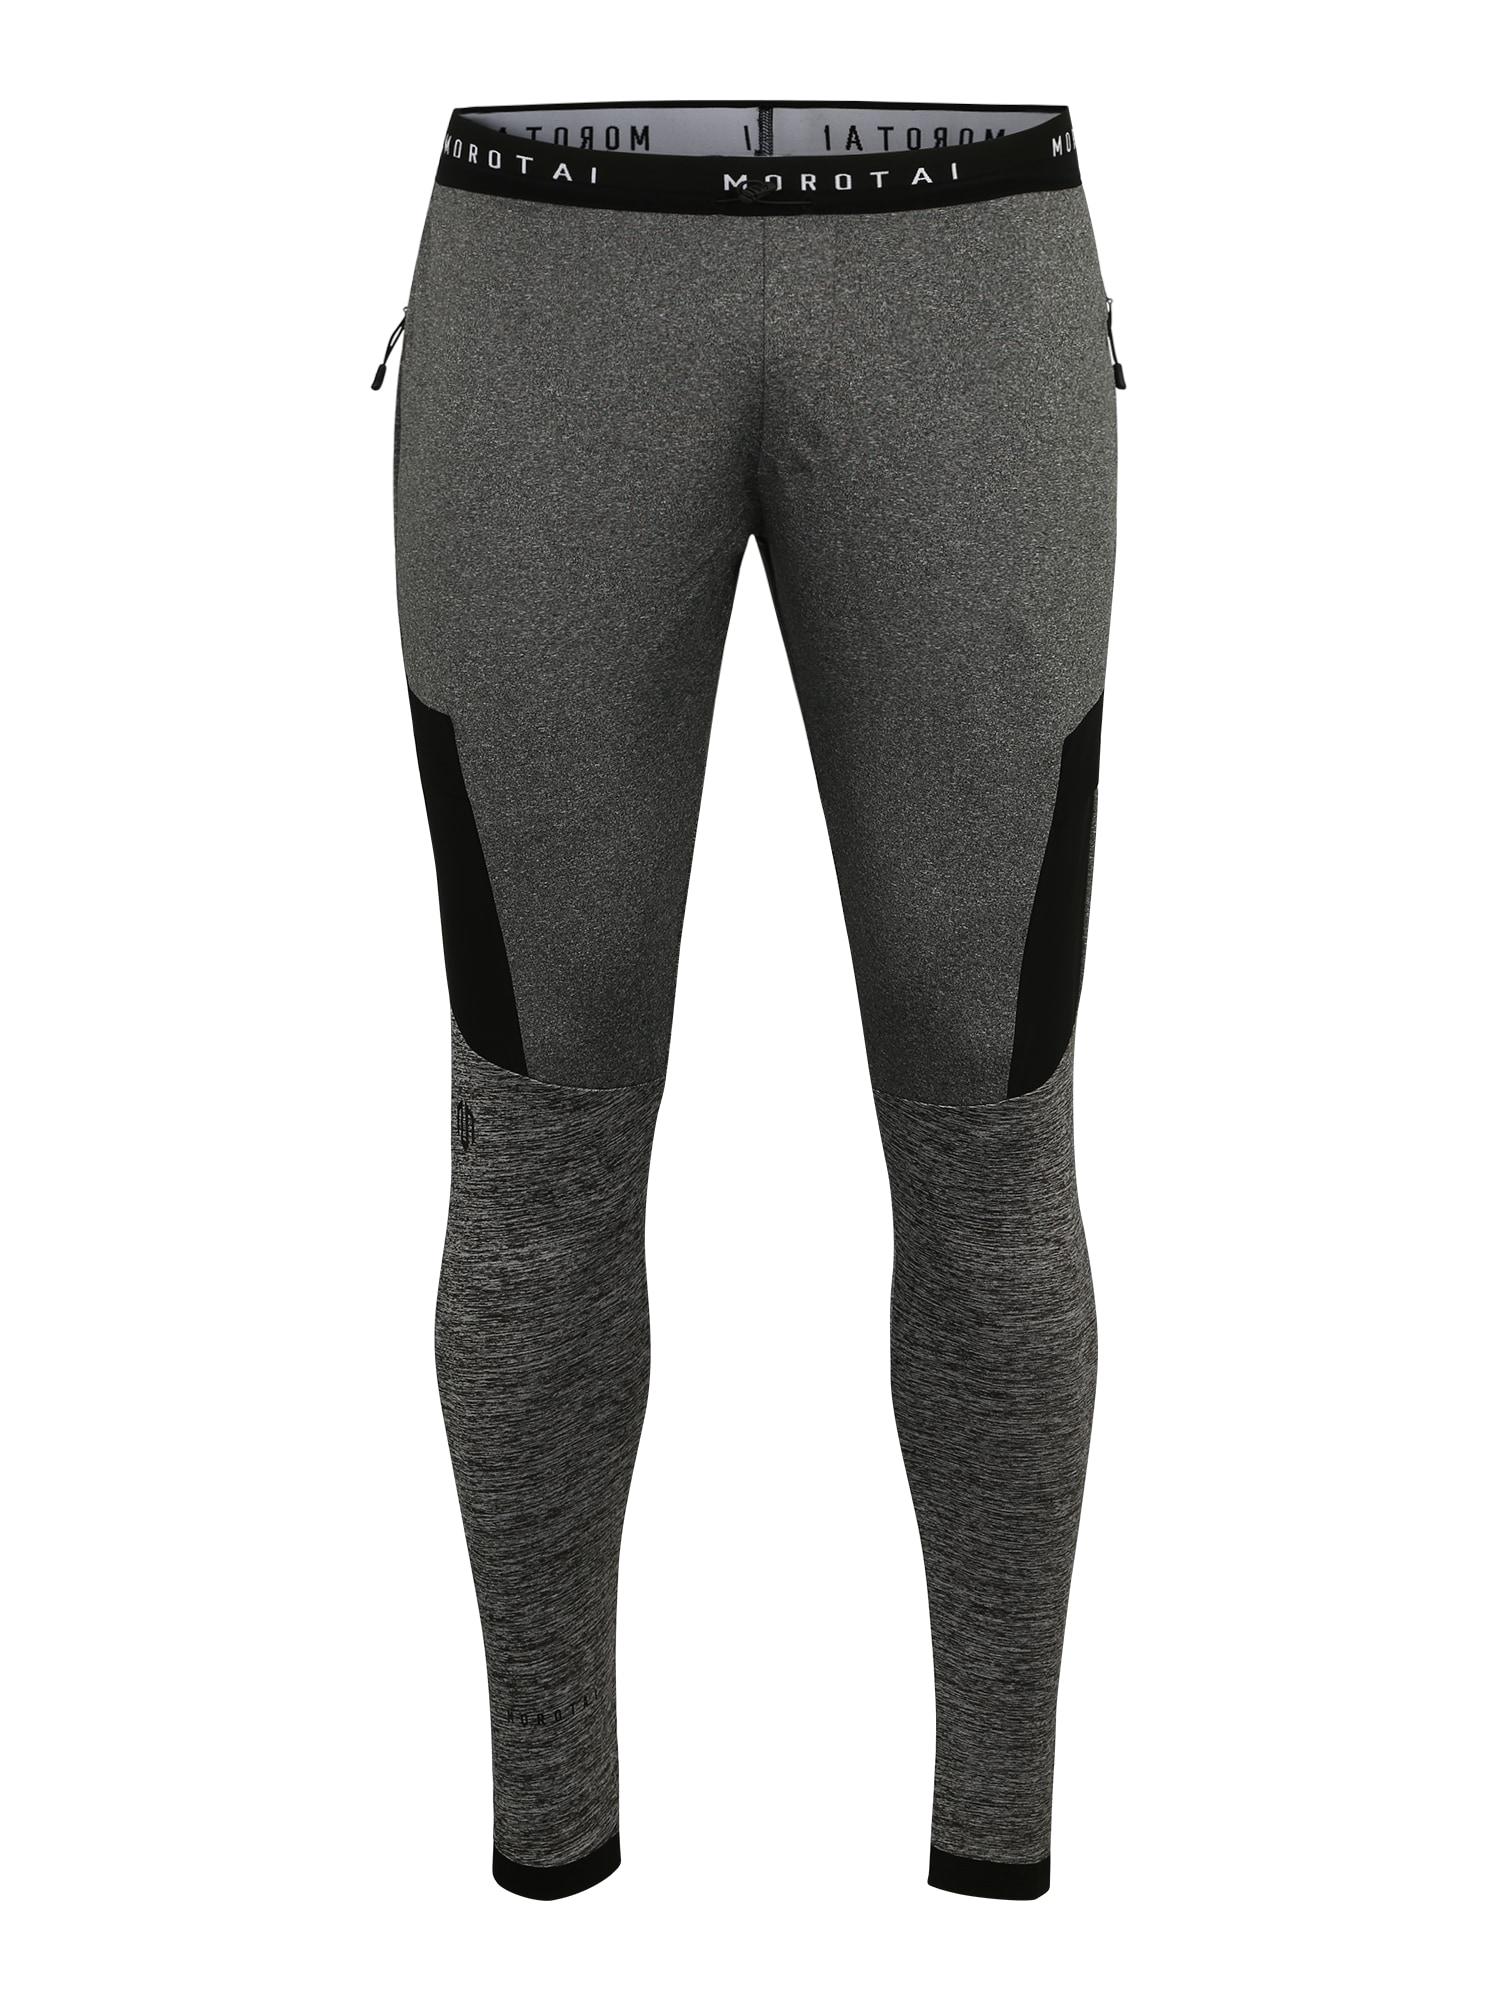 Sportovní kalhoty Running Performance Pants šedý melír černá MOROTAI